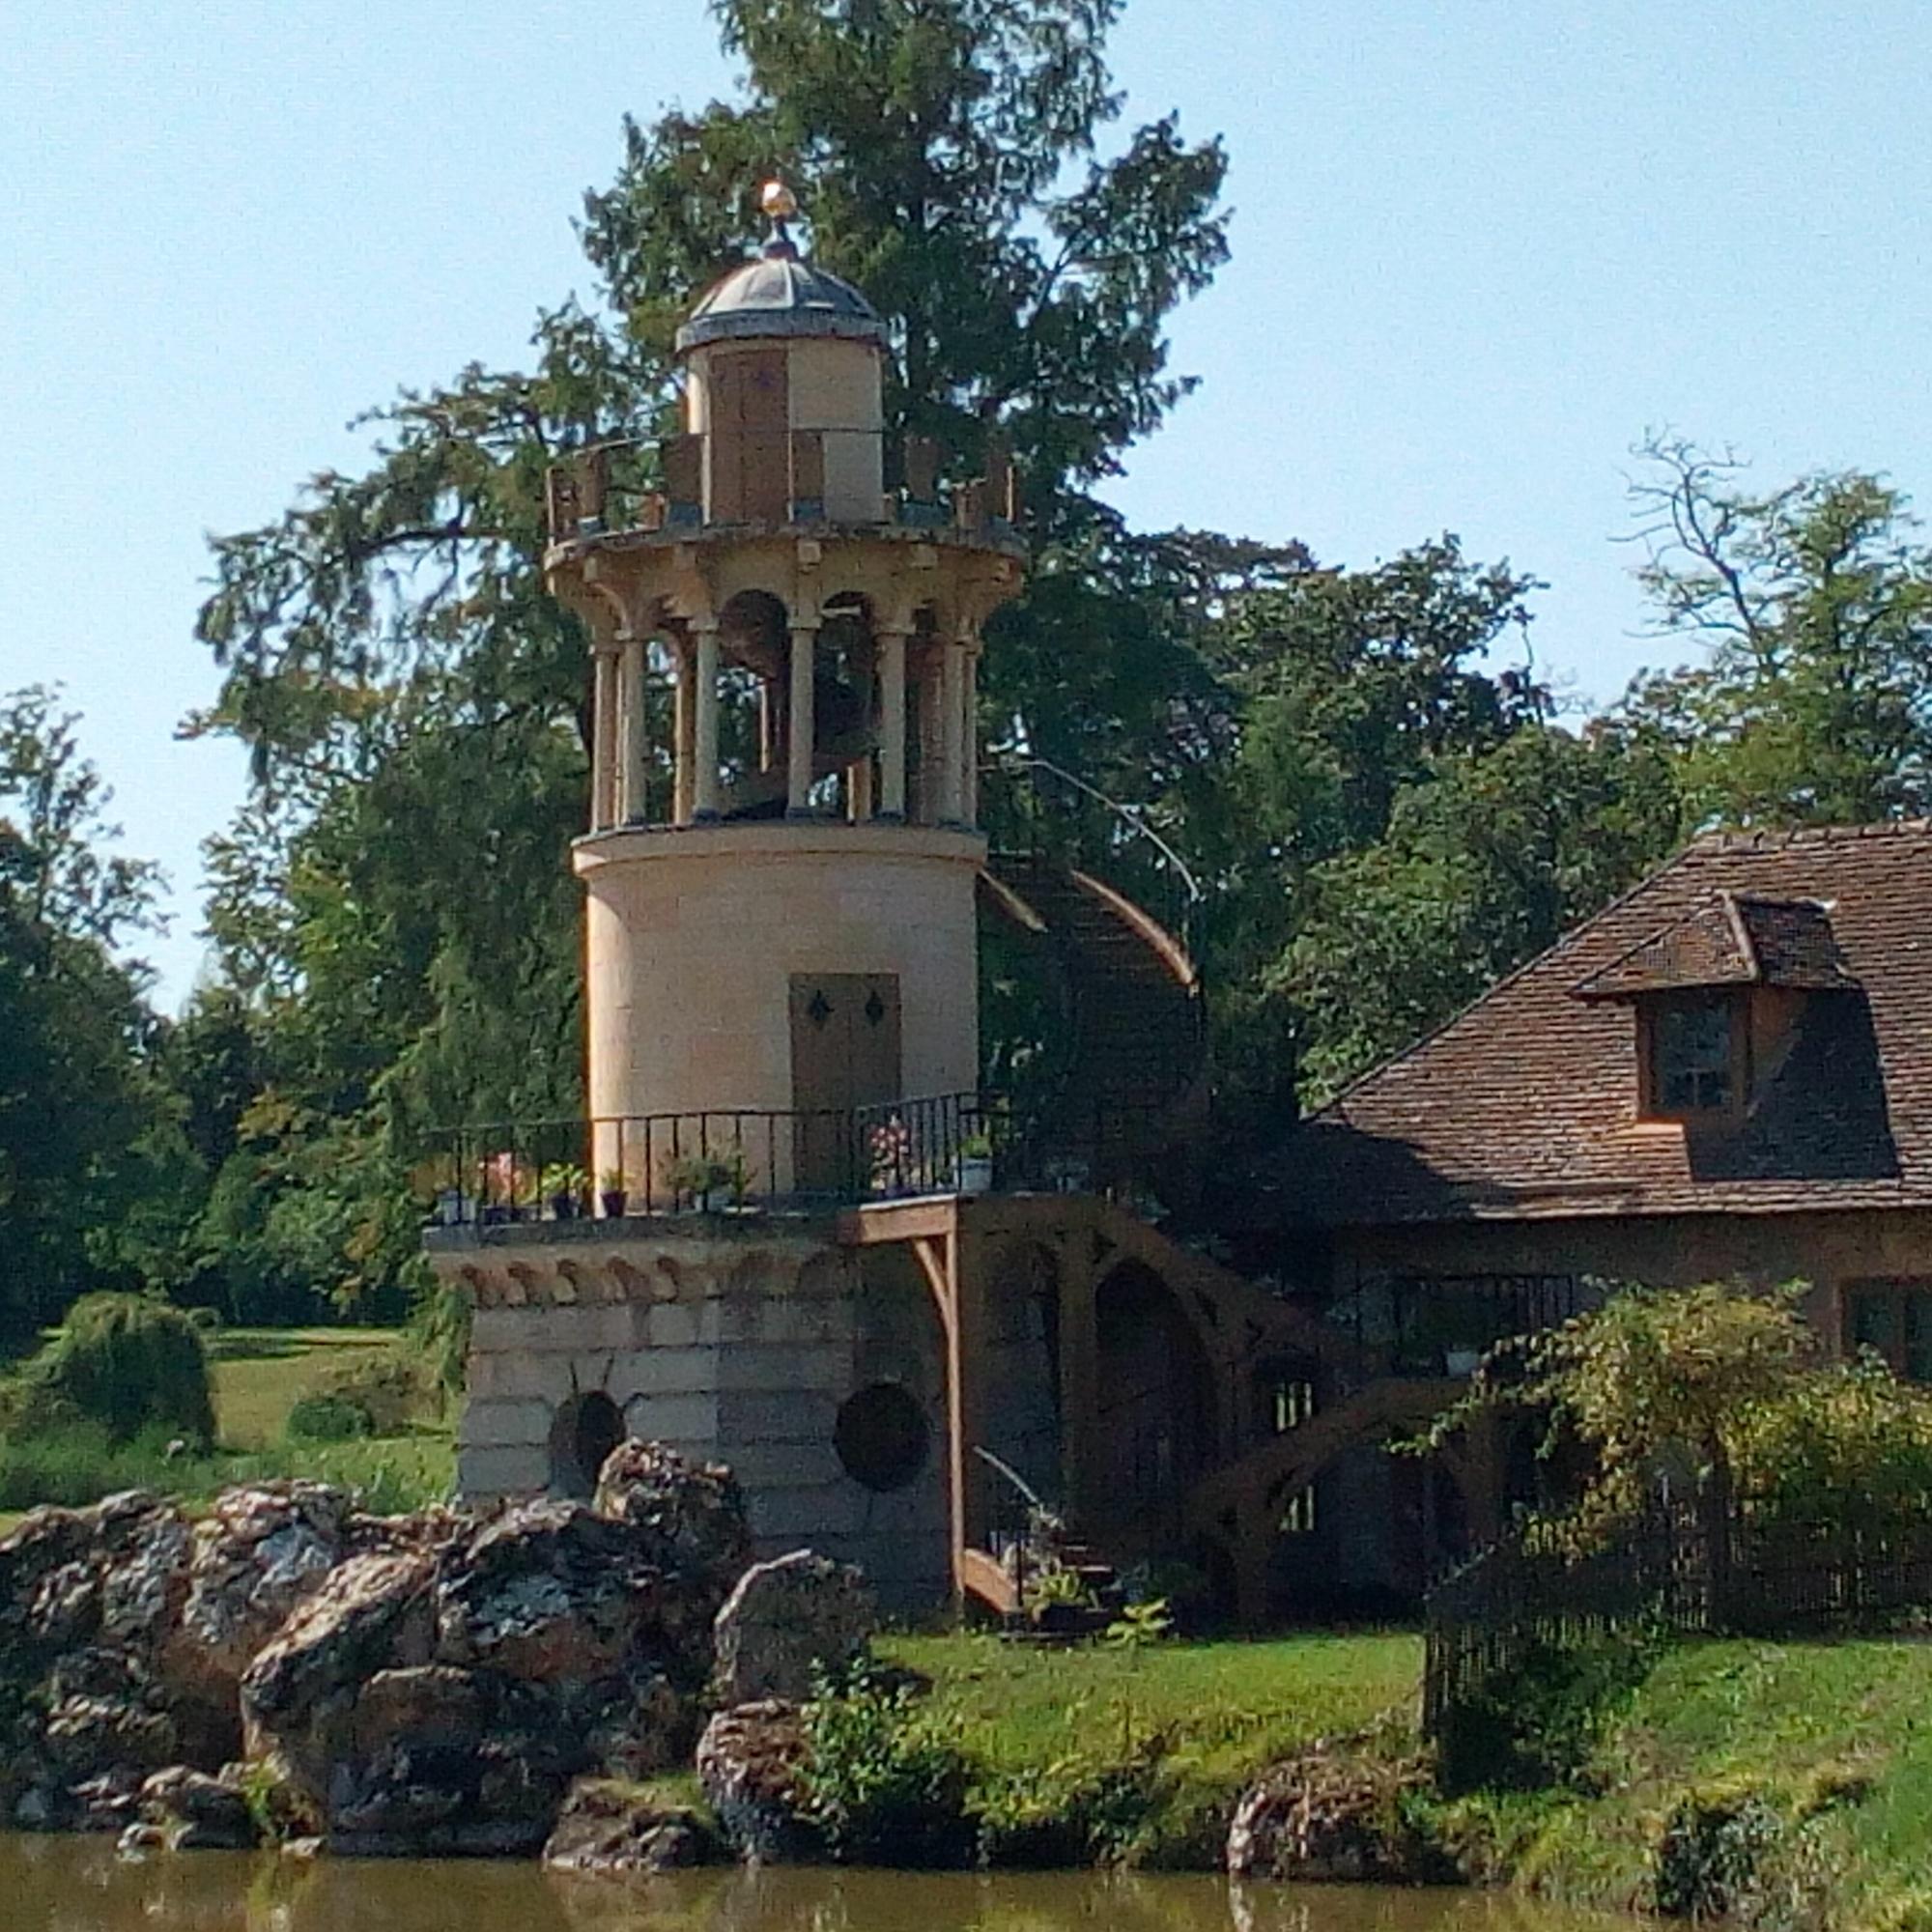 Le Hameau de la Reine, la tour de Marlborough